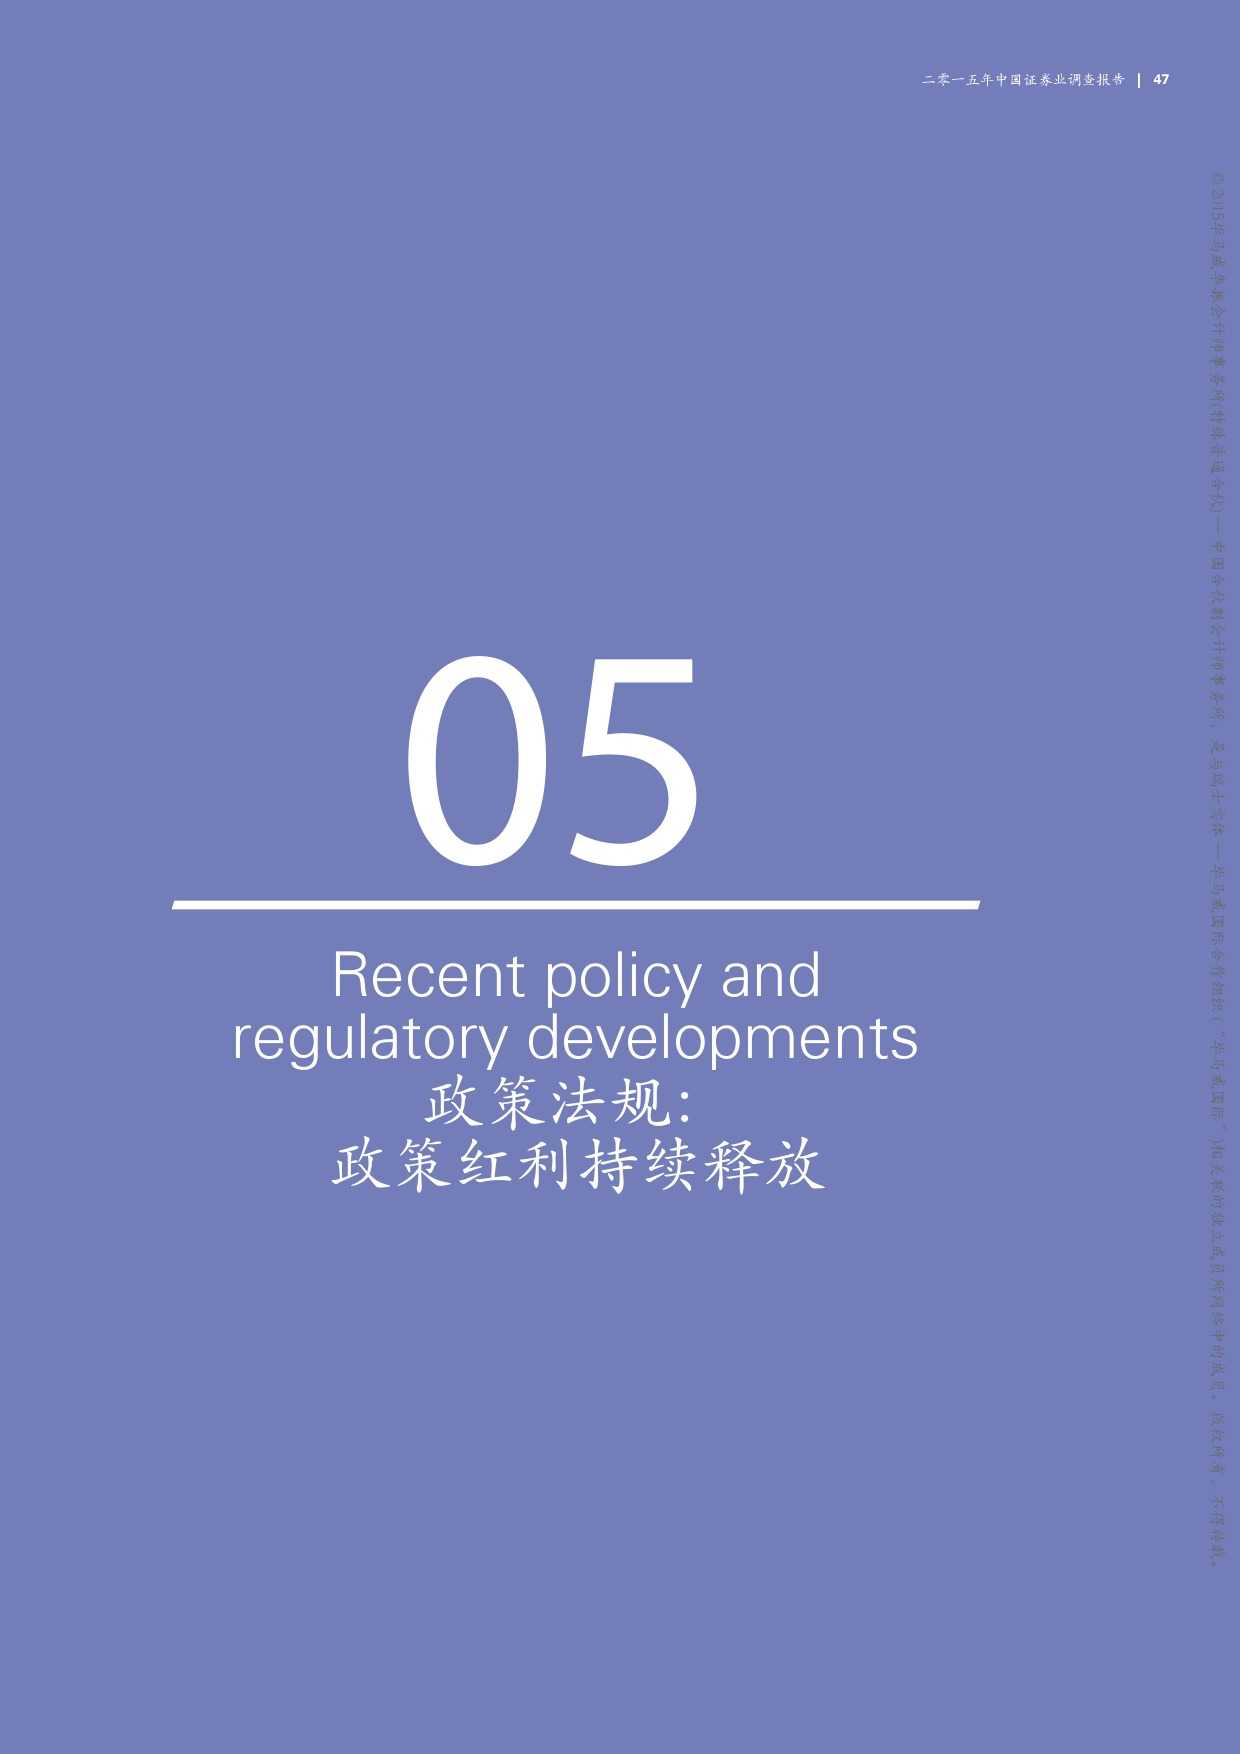 毕马威:2015年中国证券业调查报告_000049